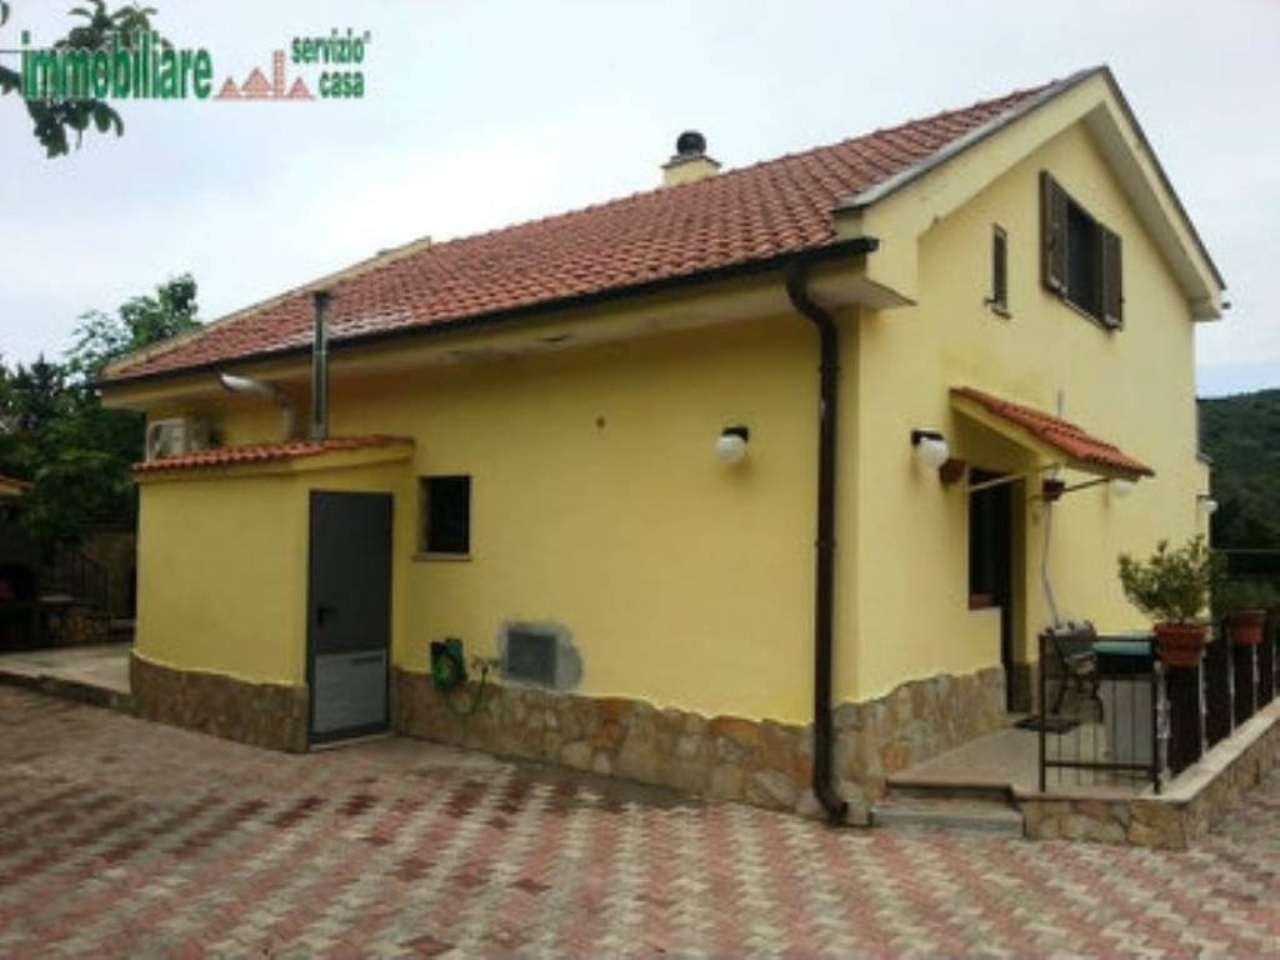 Villa in vendita a Castel Madama, 5 locali, prezzo € 268.000 | CambioCasa.it